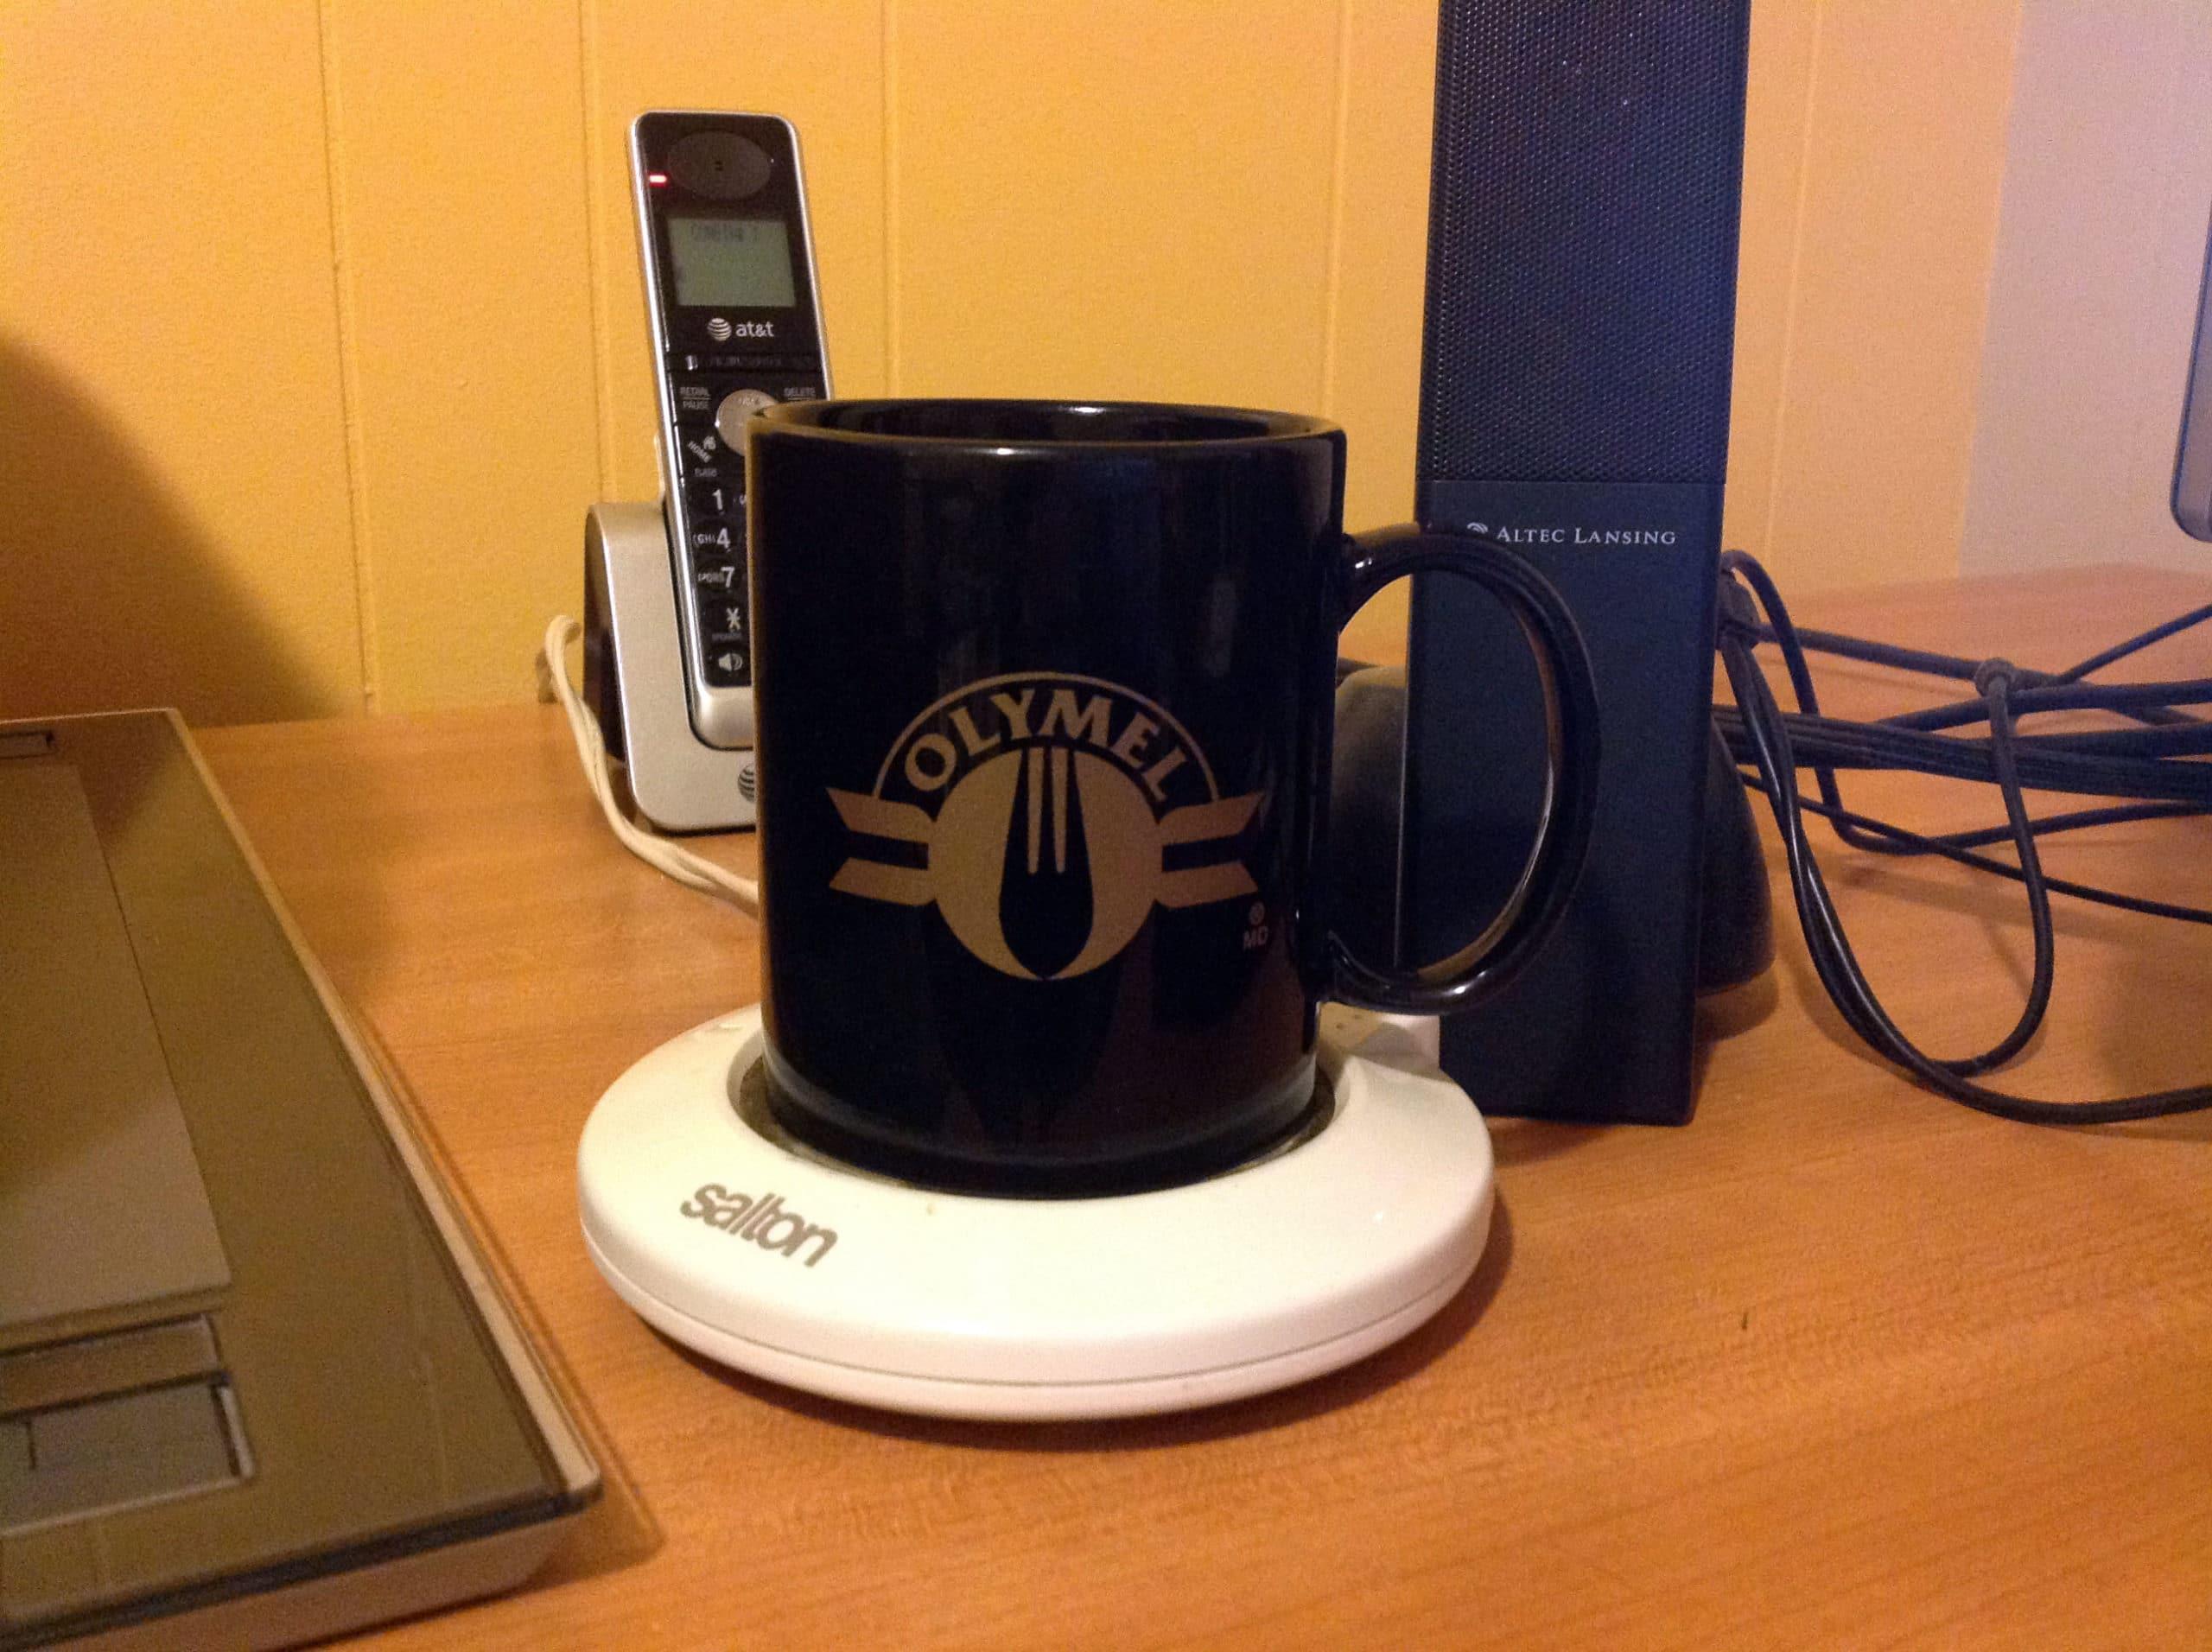 Les objets de mon bureau #4 : Chauffe-tasse